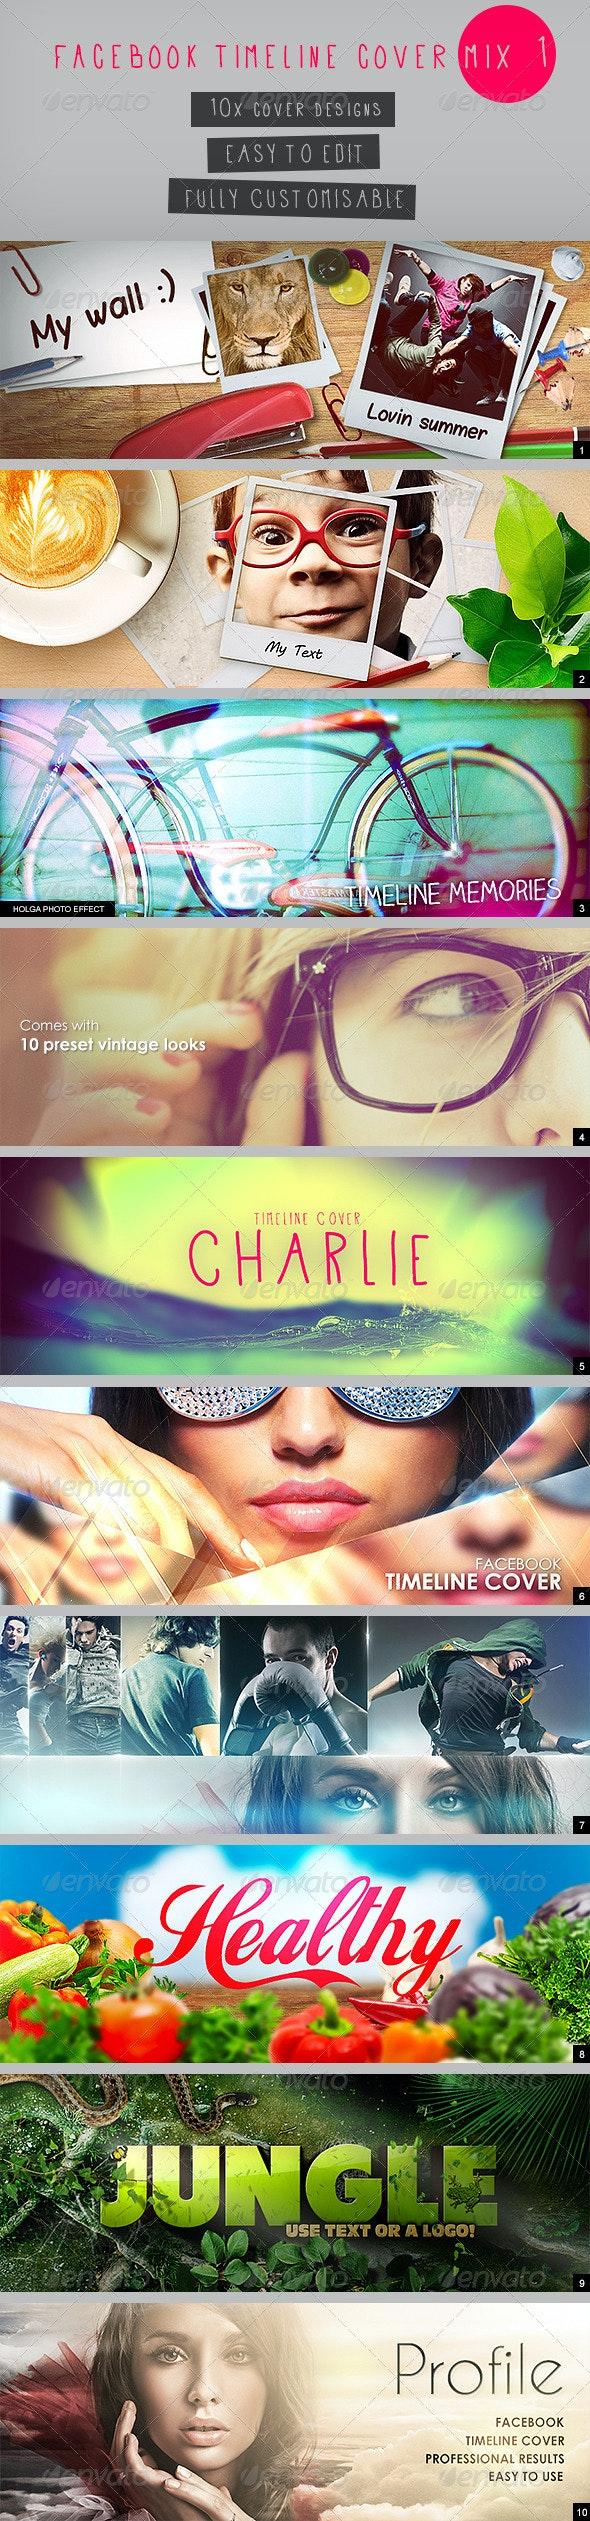 Facebook Timeline Cover Mix 1 - Facebook Timeline Covers Social Media